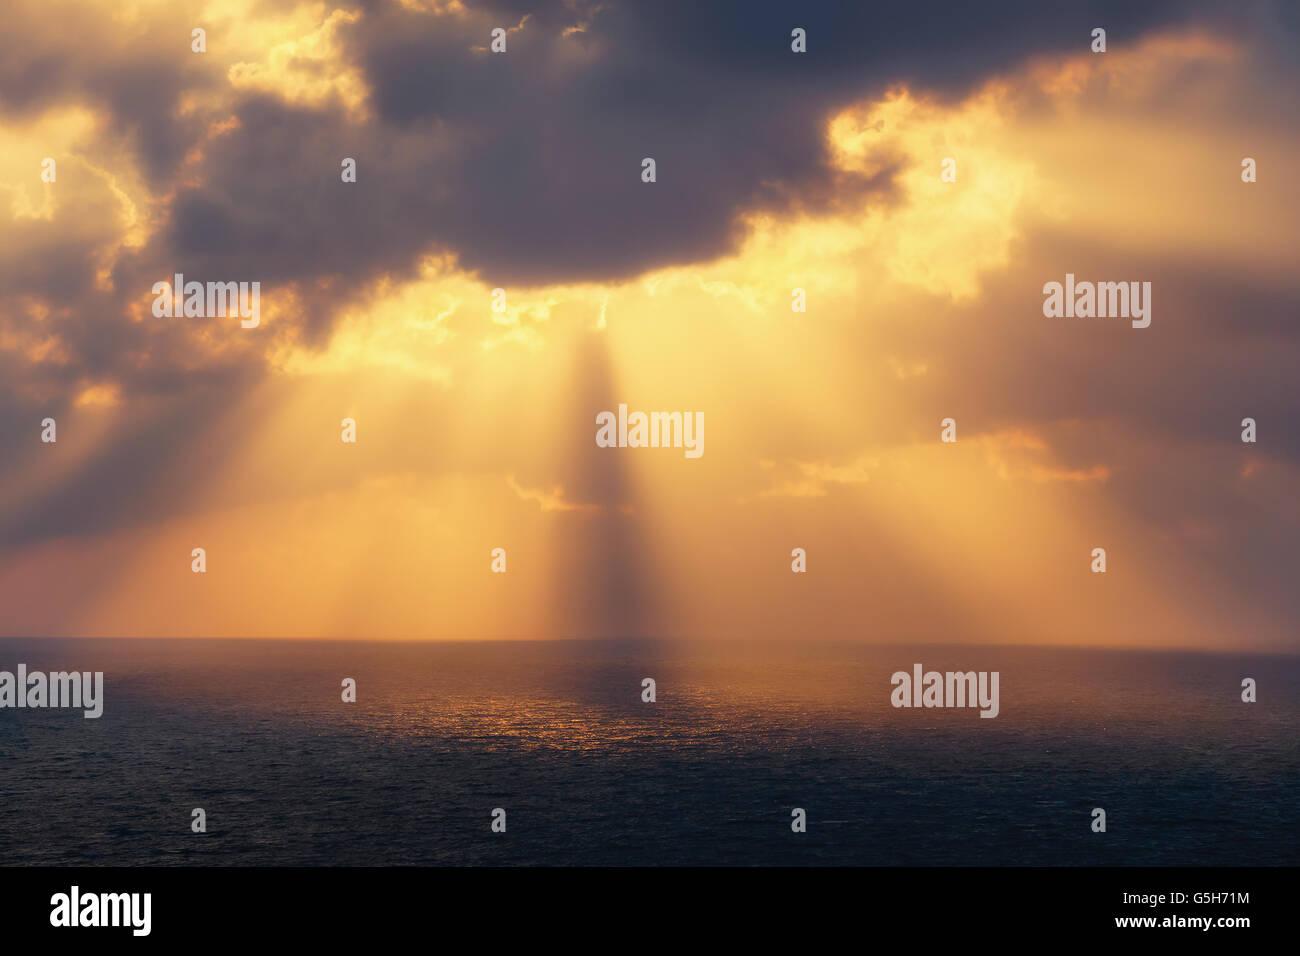 Les rayons du soleil d'or sur la mer au coucher du soleil Photo Stock